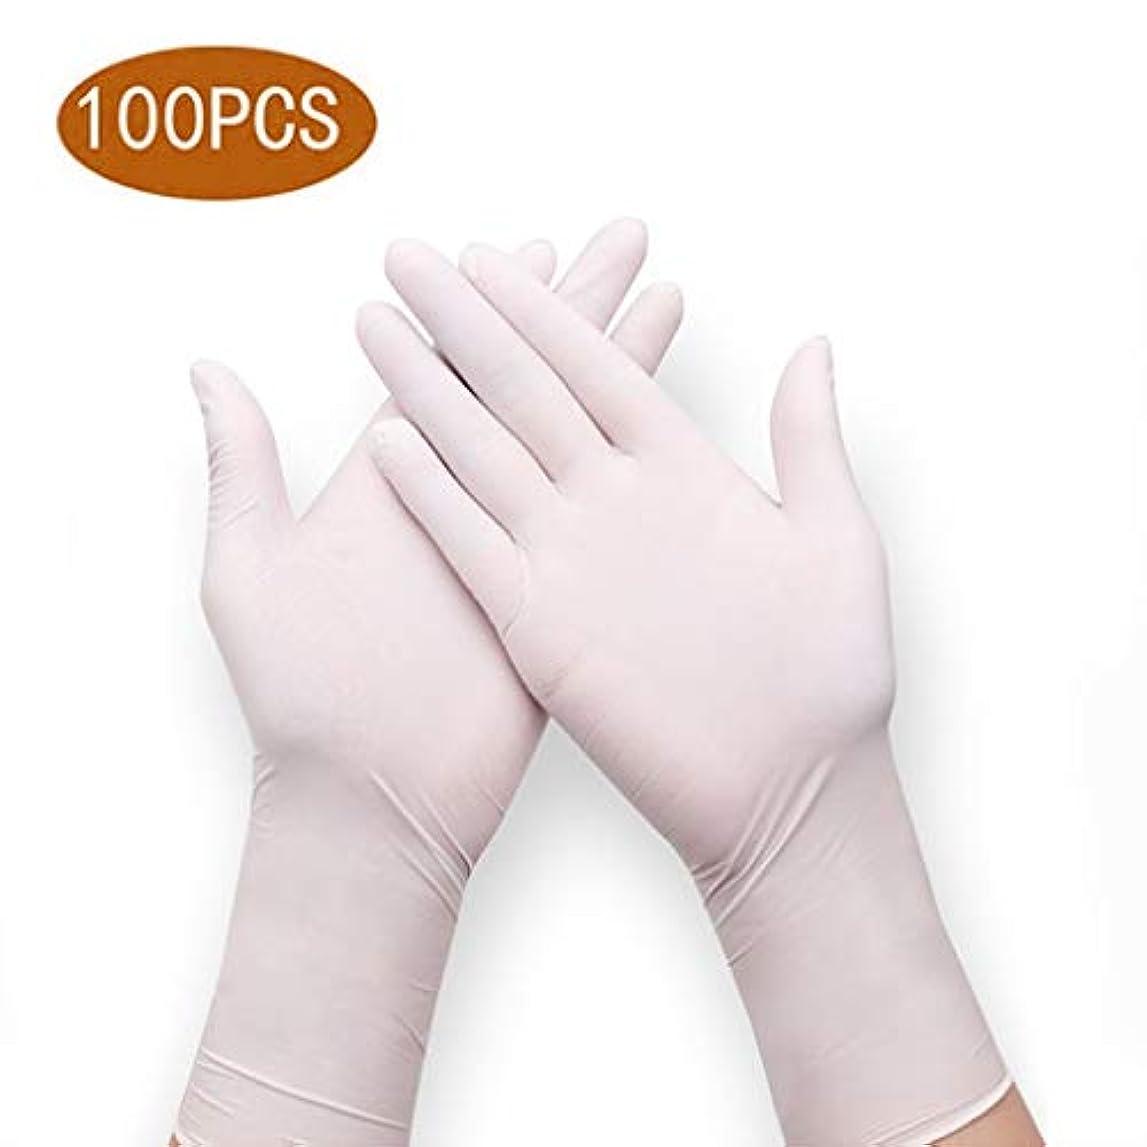 タンカー精神寂しいニトリル手袋ビニール試験使い捨て手袋-家庭用の毎日の台所の洗浄と延長、6ミル、ゴム労働保護美容院ラテックスフリー、パウダーフリー、両手利き、100個 (Size : M)